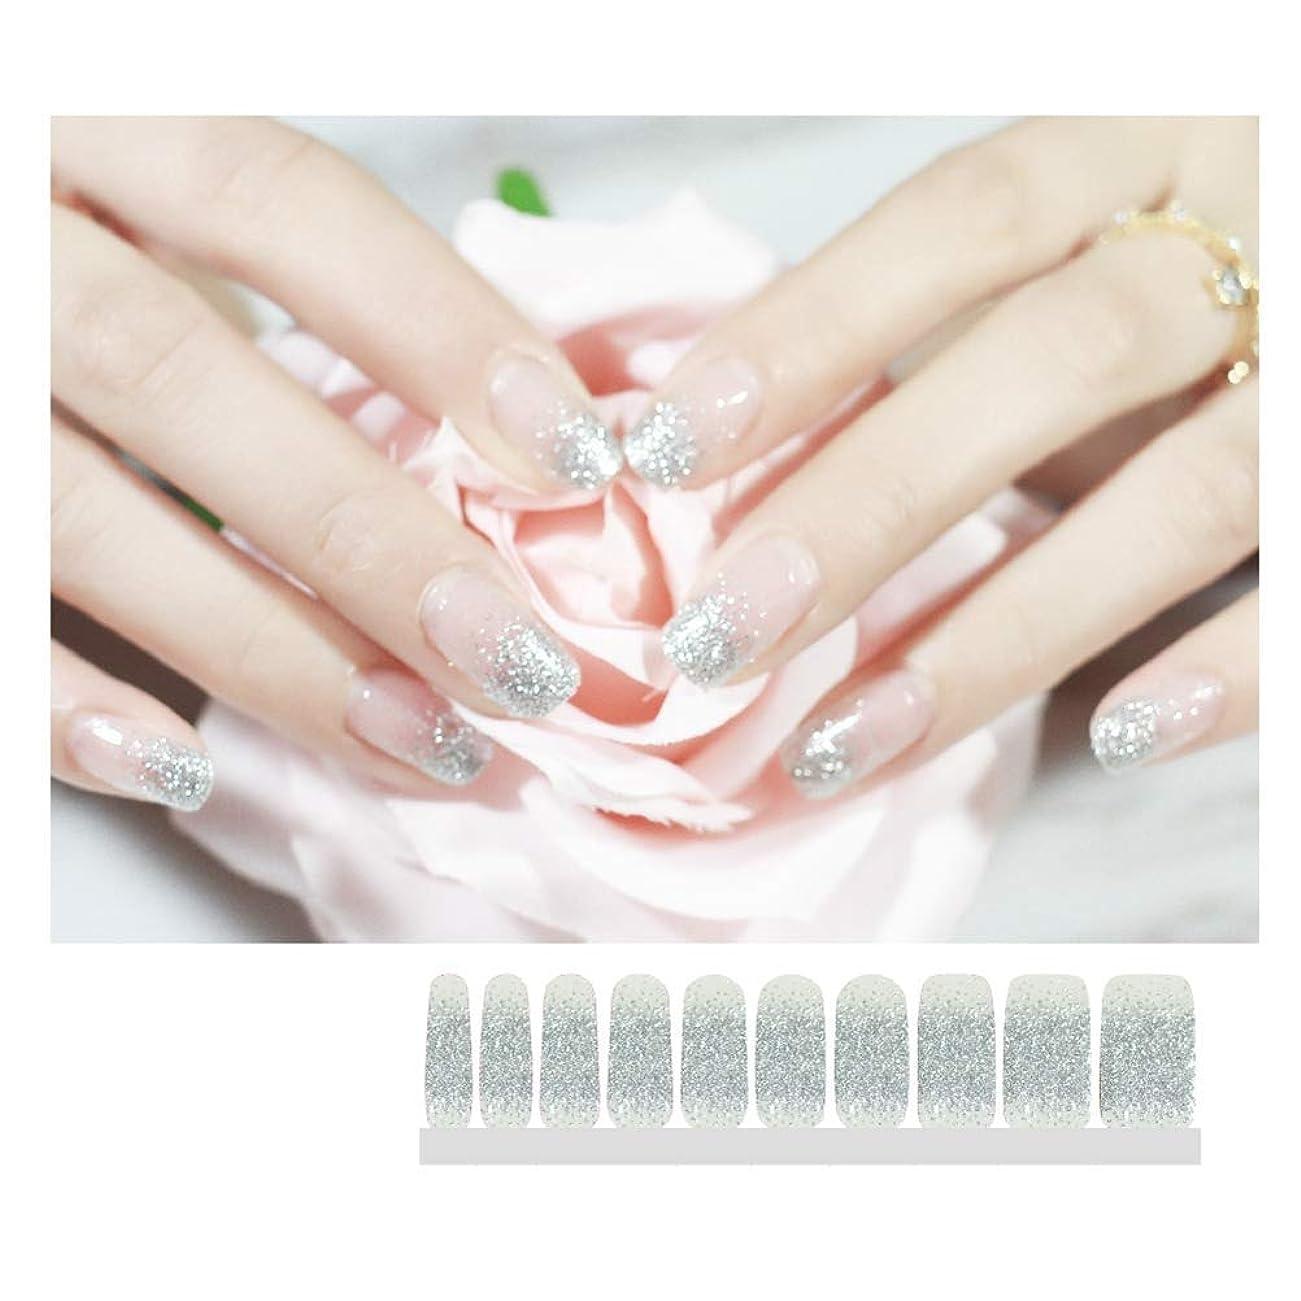 [Ziv-Nat] 20ピース 貼るだけマニキュア ネイルシール ネイルステッカー フレンチ 透明 シルバー 銀色 ネイルラップ ネイルアクセサリー 女性 レディースプレゼント ギフト